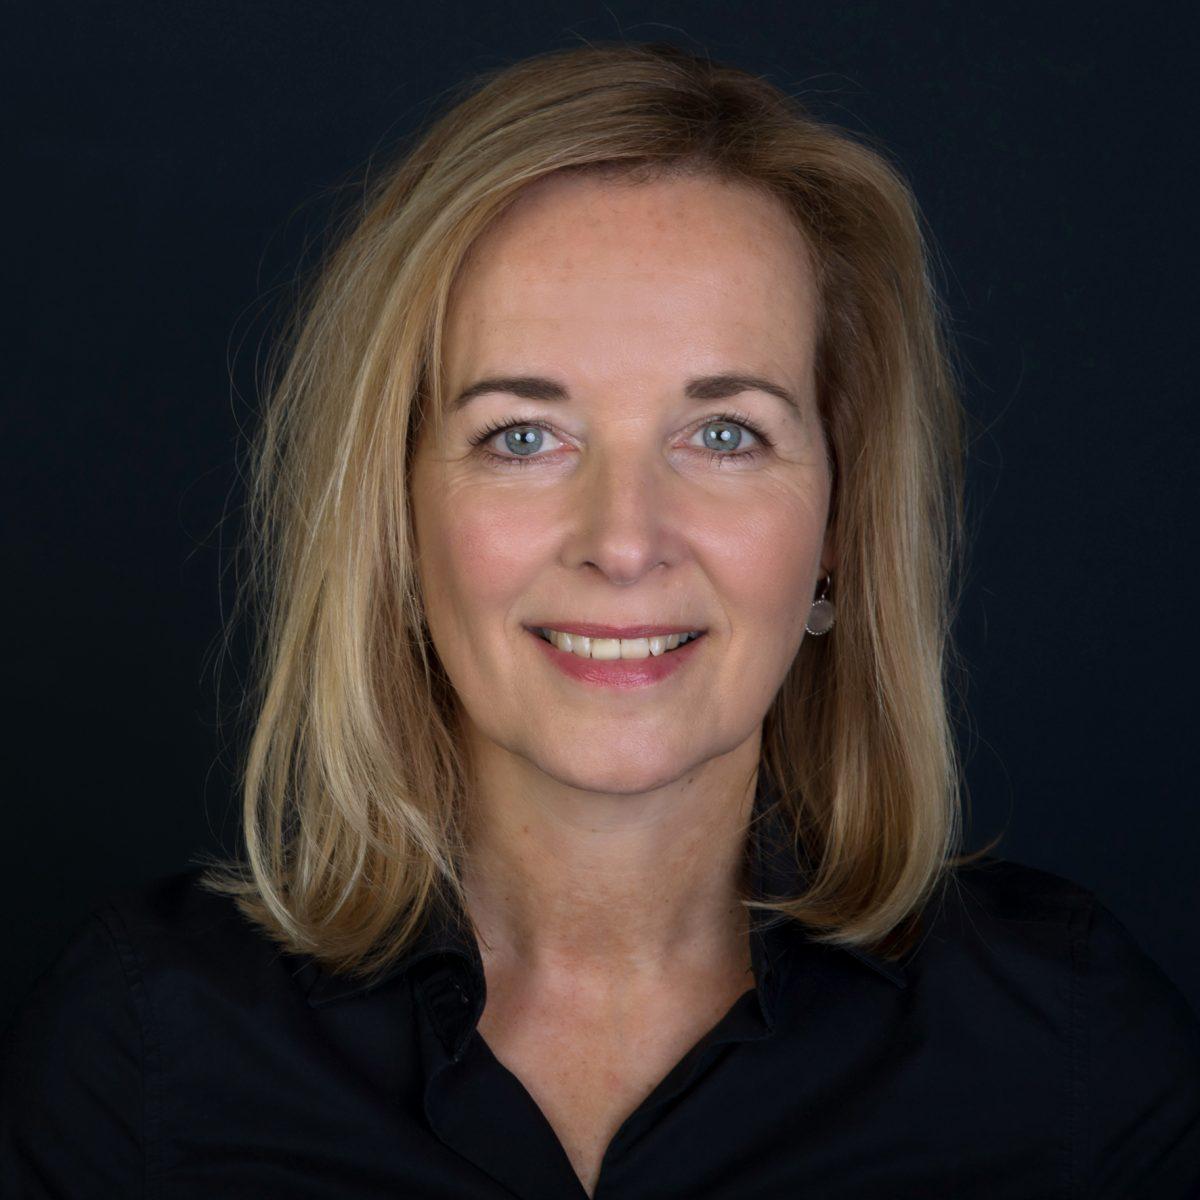 Gina Tromp van de gemeente Leeuwarden.